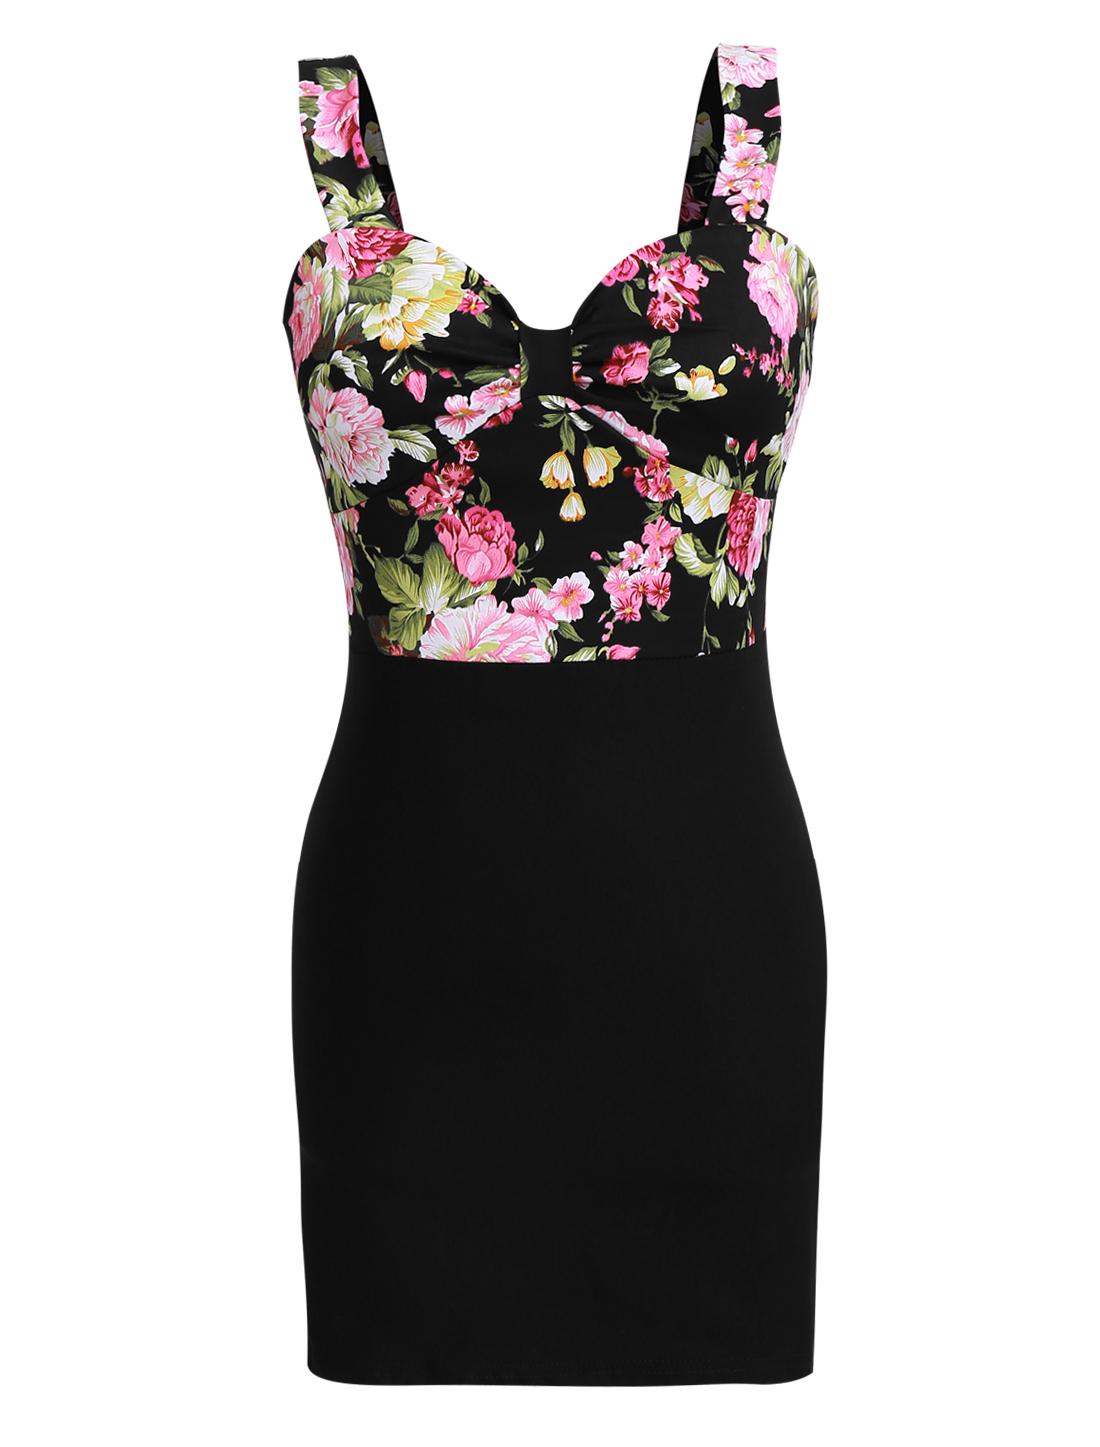 Women Sweetheart Neckline Backless Floral Sheath Dress Black XS